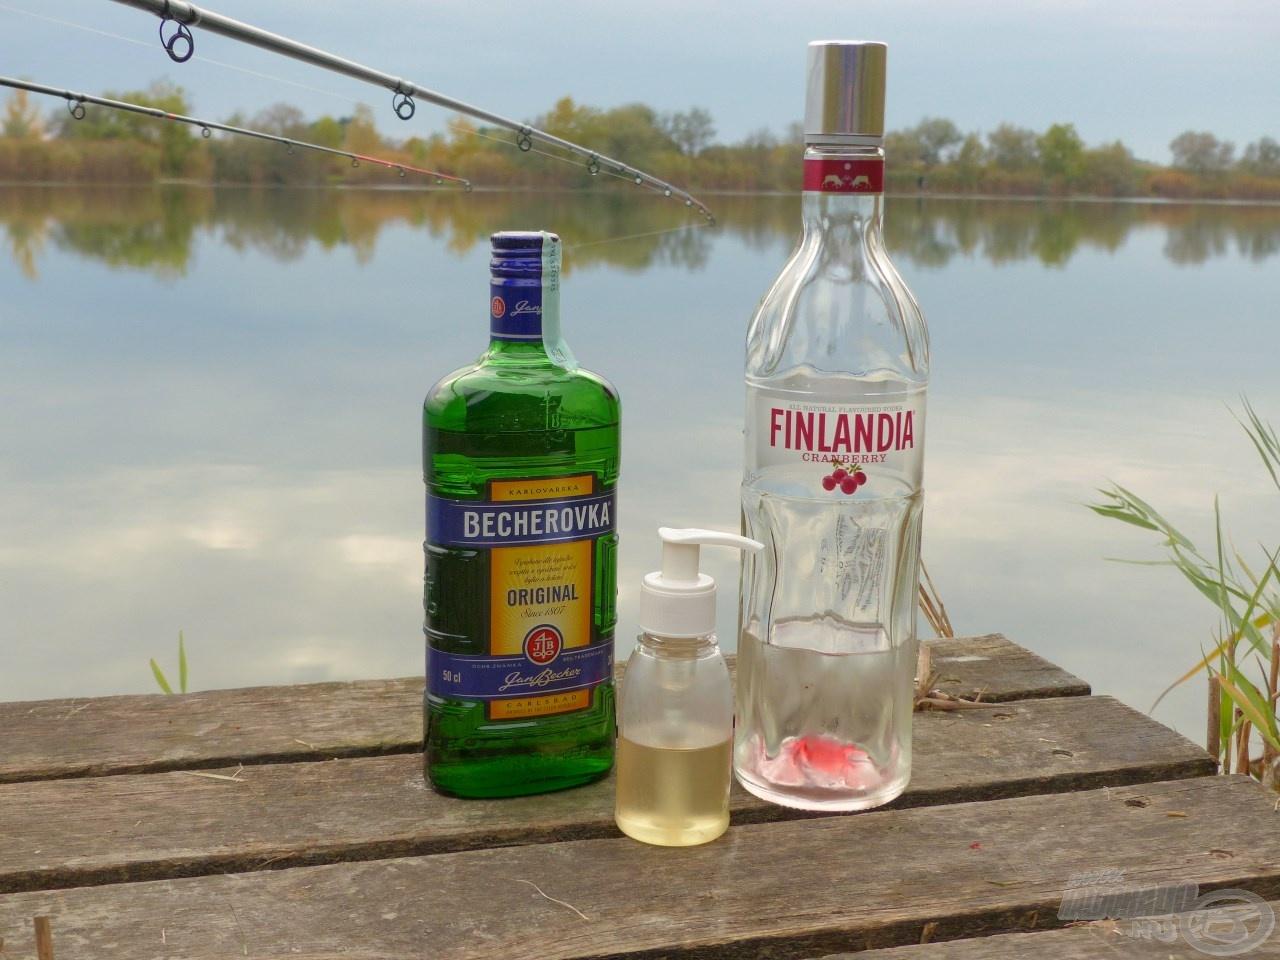 Ezeket a nemes italokat pumpás flakonba töltve…